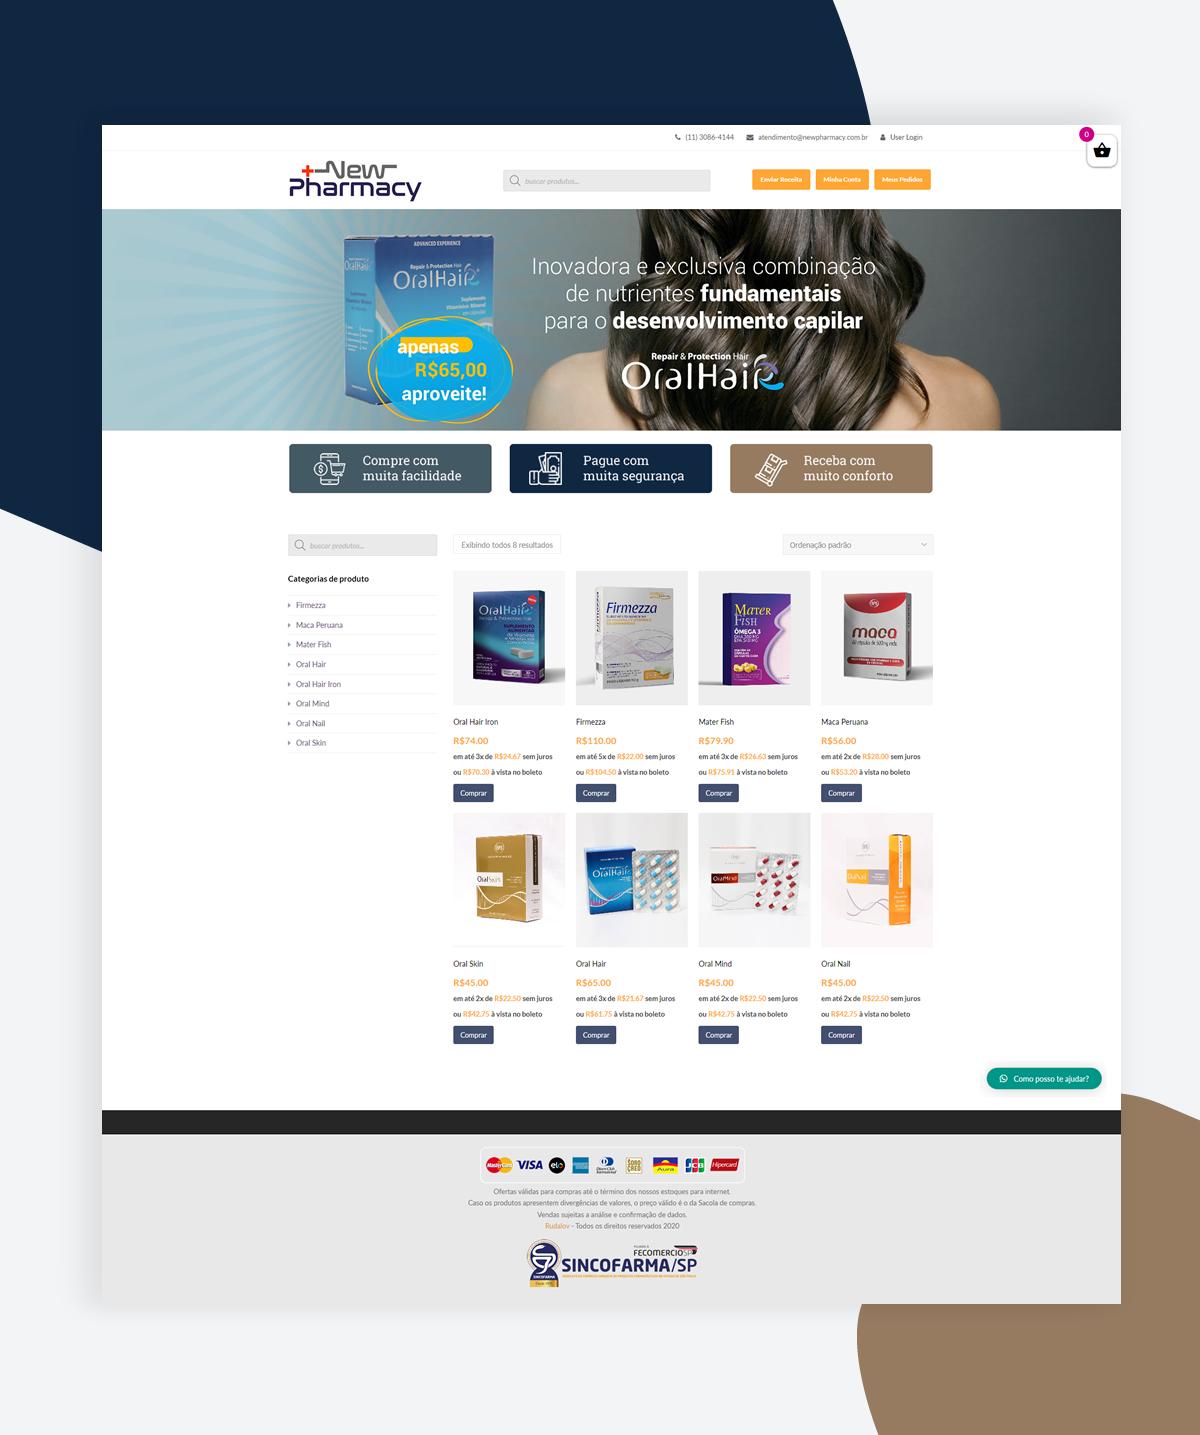 new-pharmacy-e-commerce